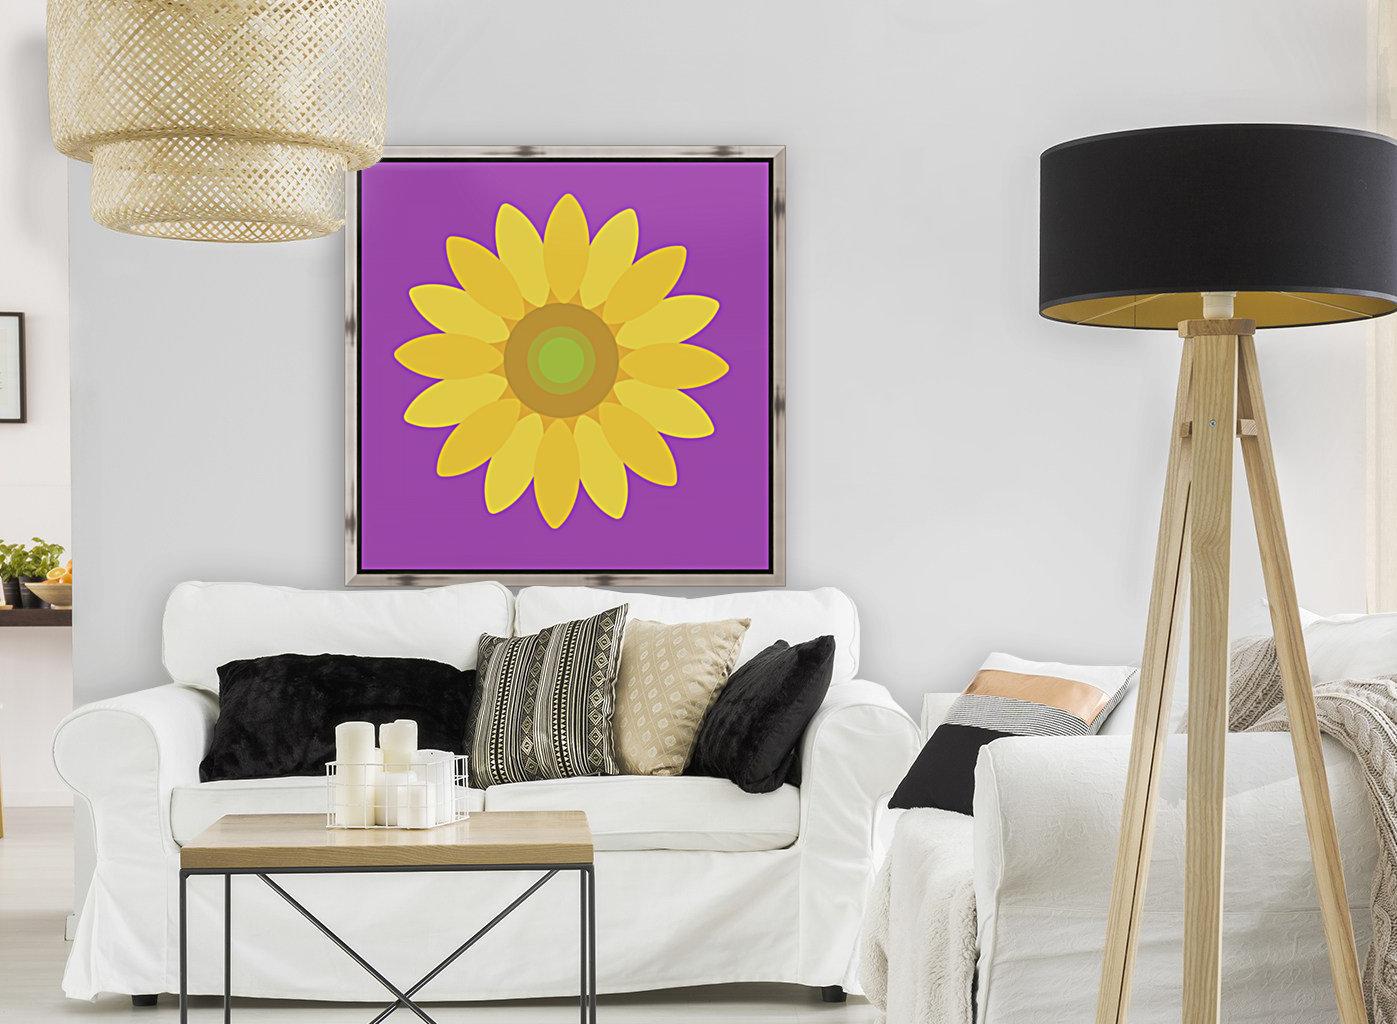 Sunflower (11)_1559875861.2396  Art